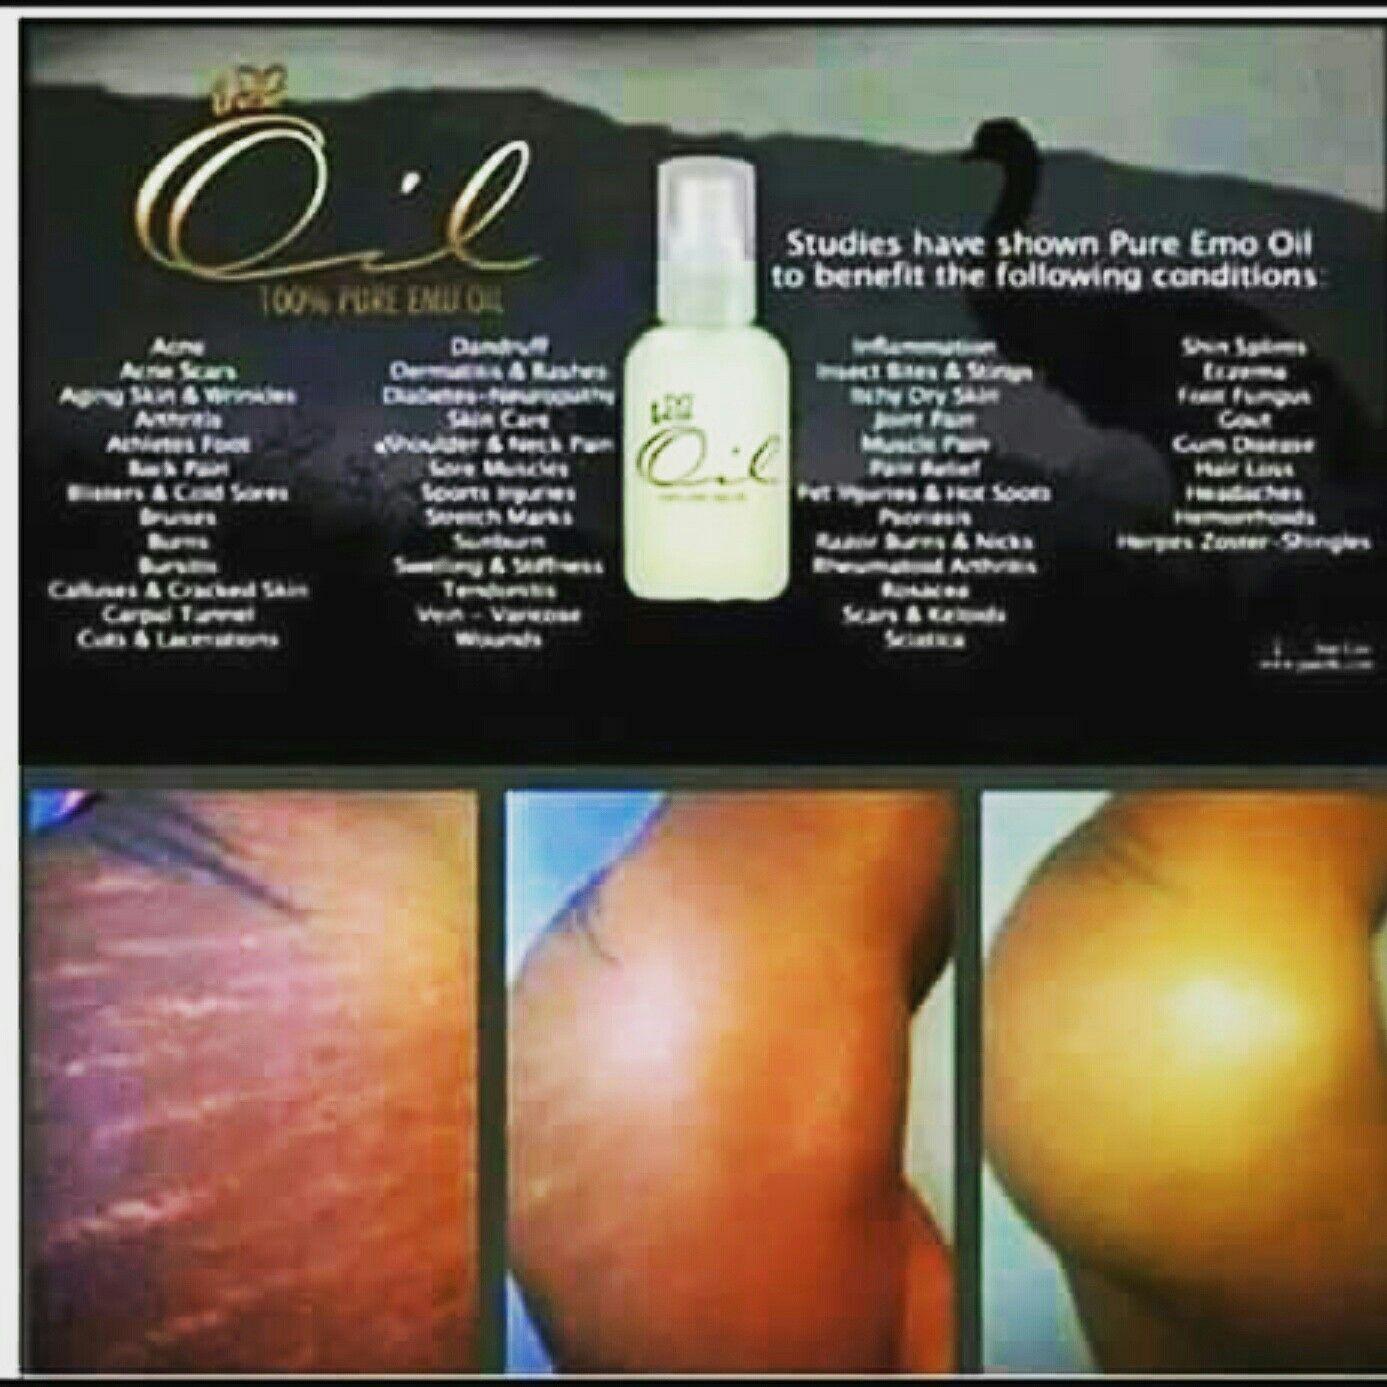 Iaso Emu oil: Heals burns, scars, acnes, stretch marks, eczema